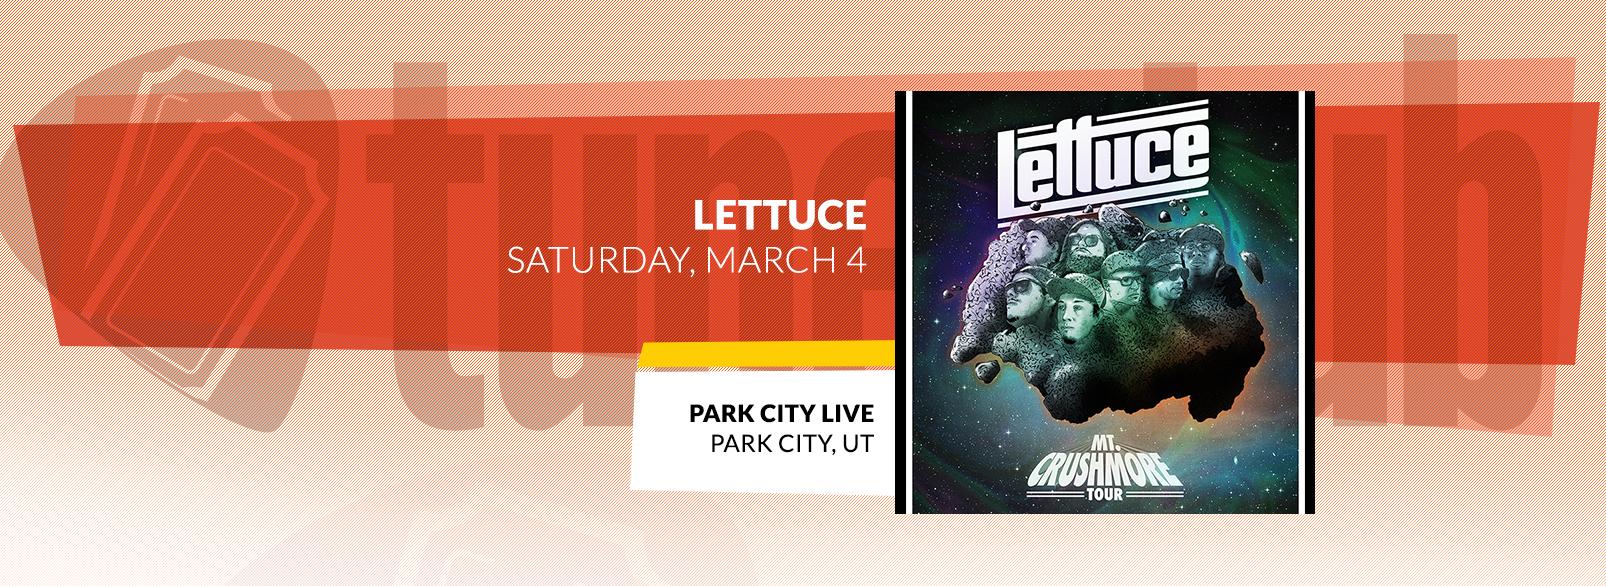 Lettuce @ Park City Live